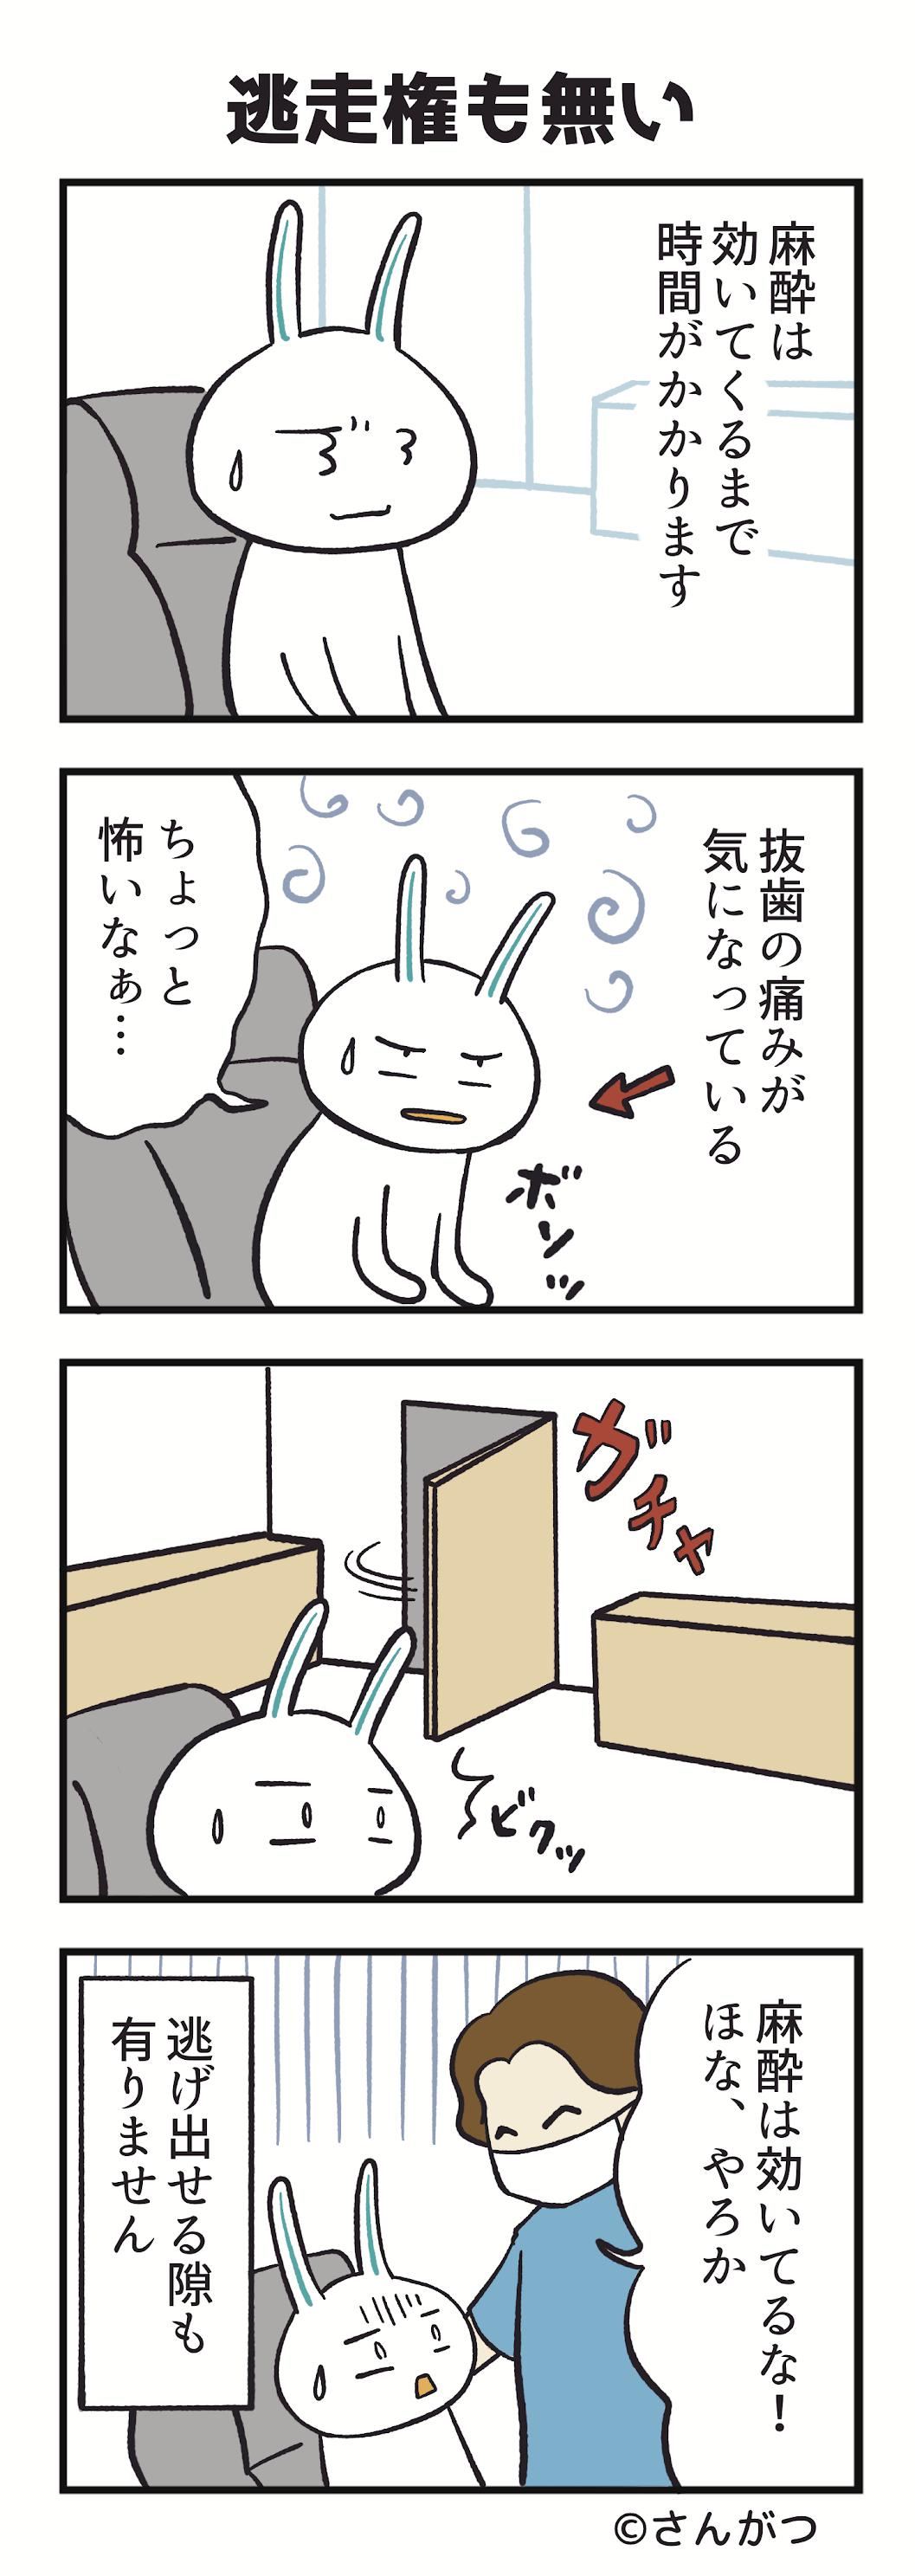 歯科矯正の漫画6「親知らずの抜歯・・・逃げられ無いよ編」